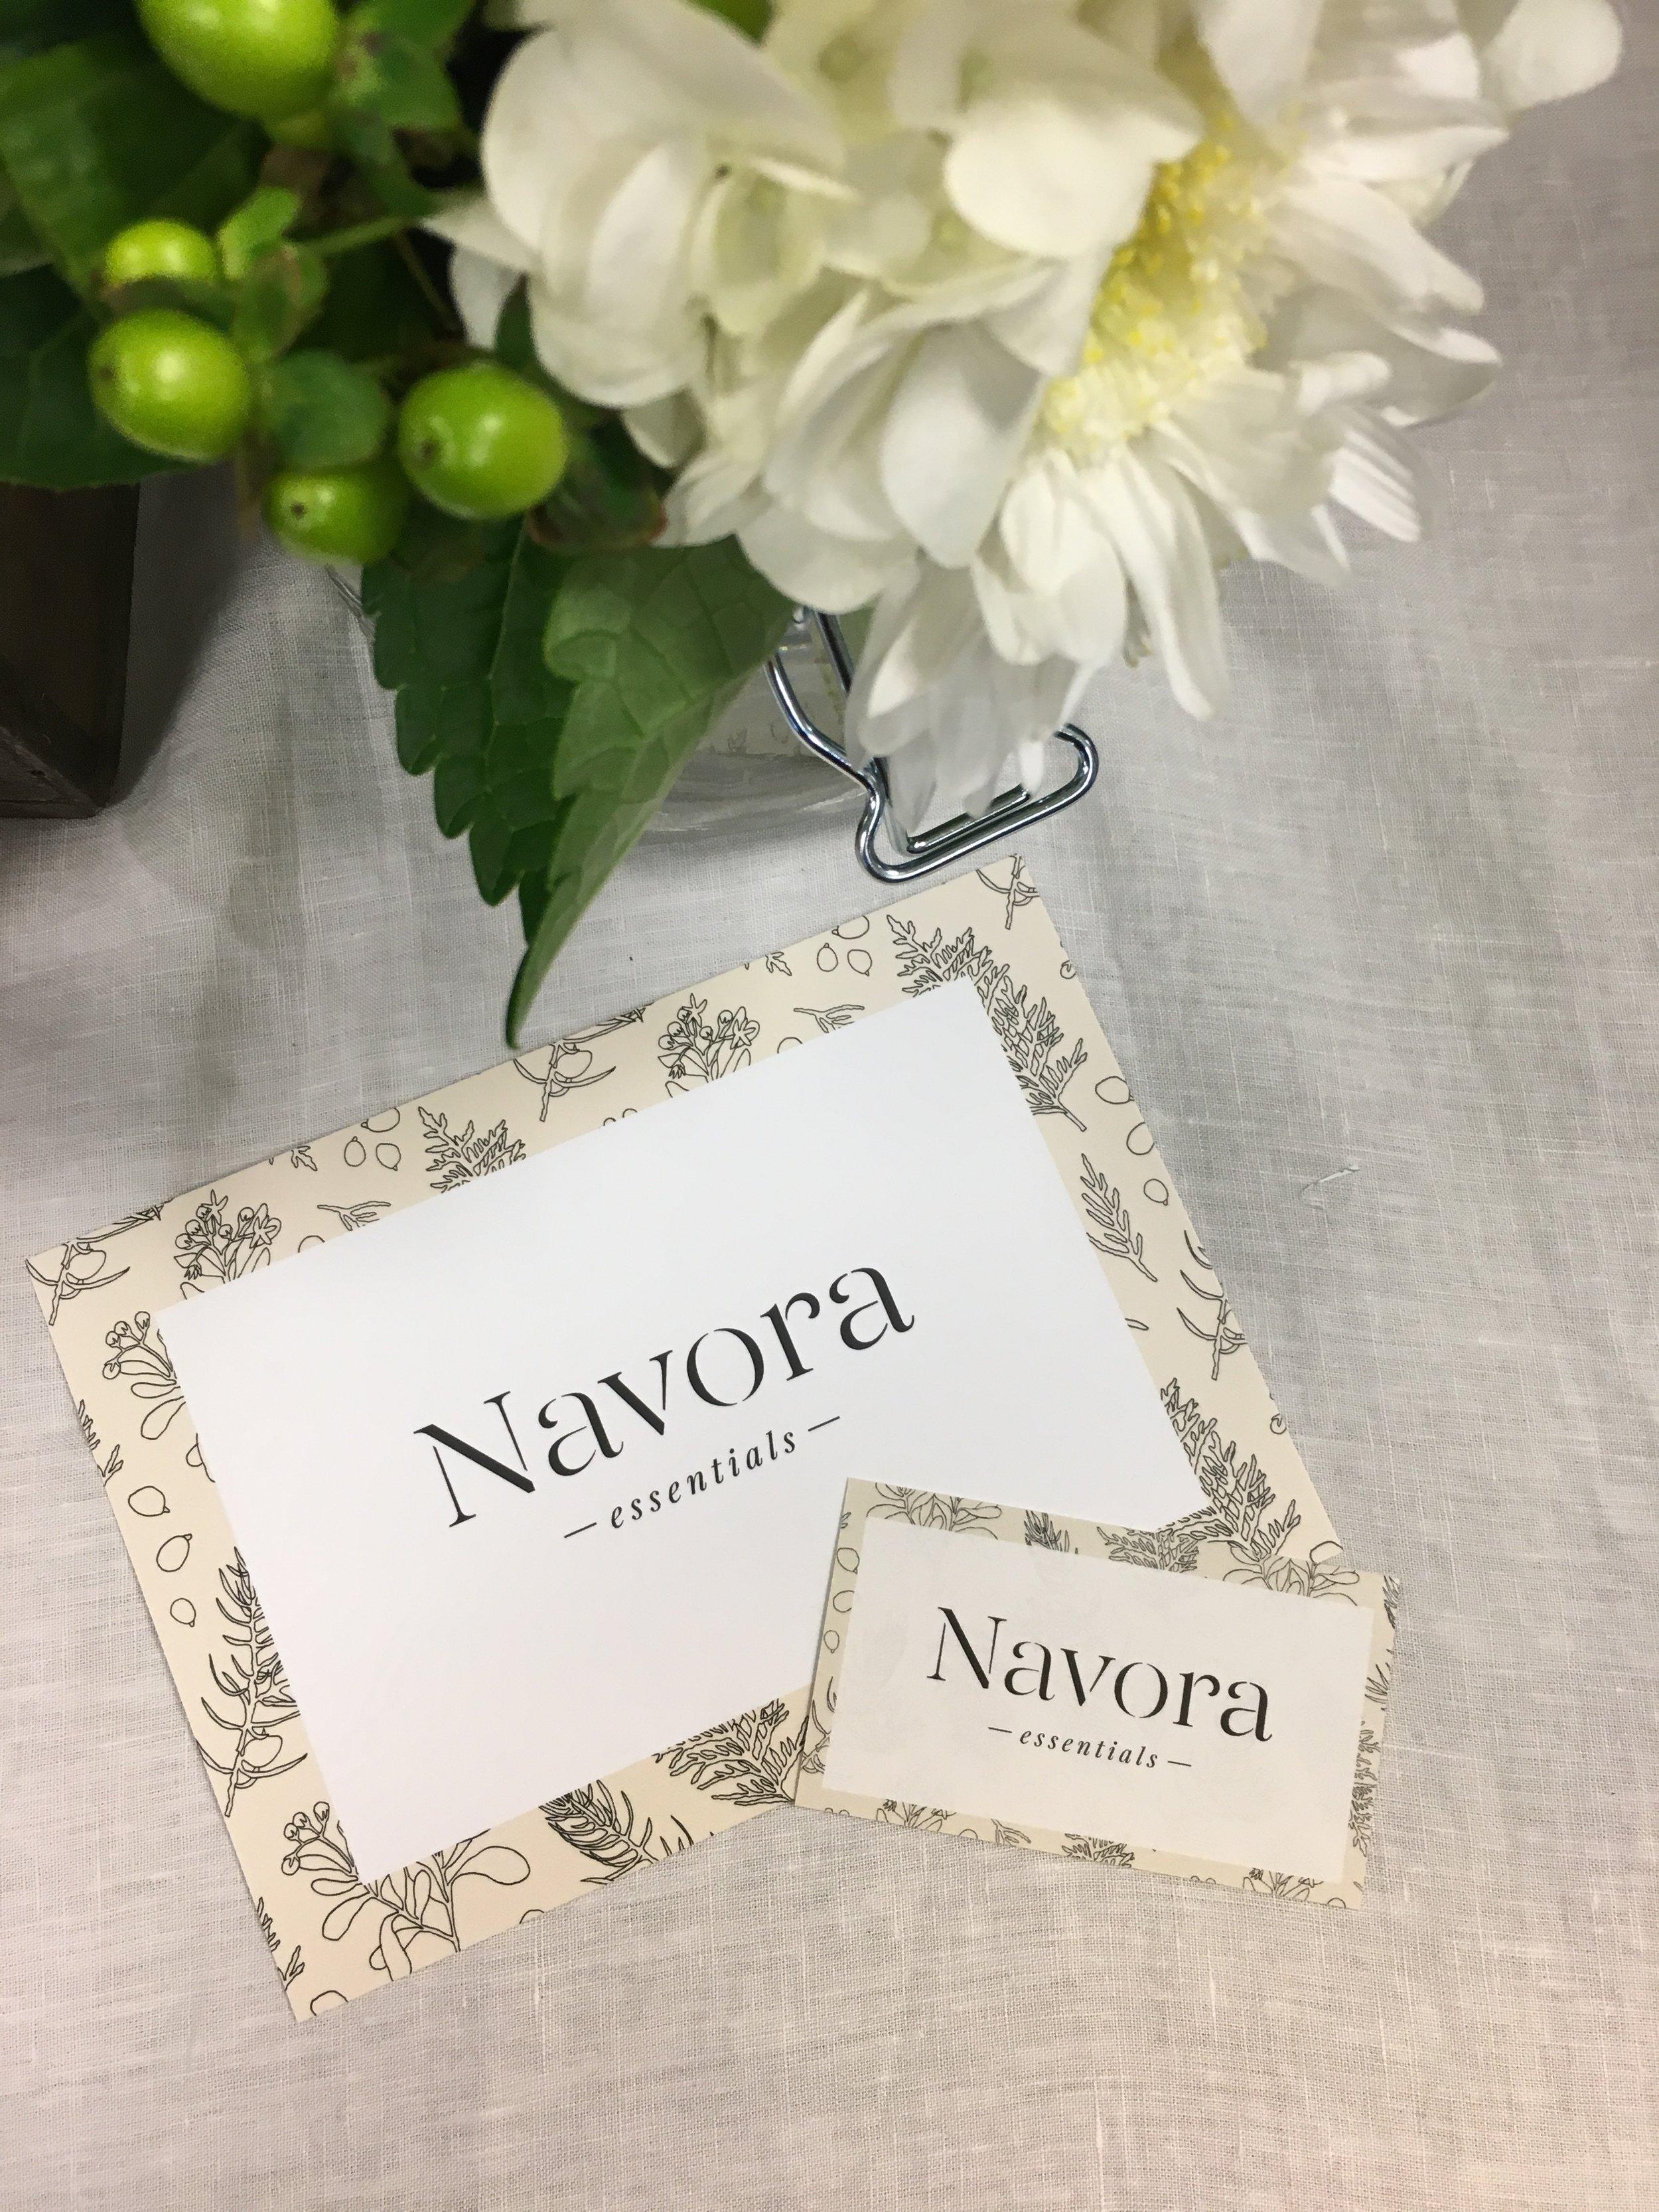 Primd Marketing - Case Study - Navora Essentials